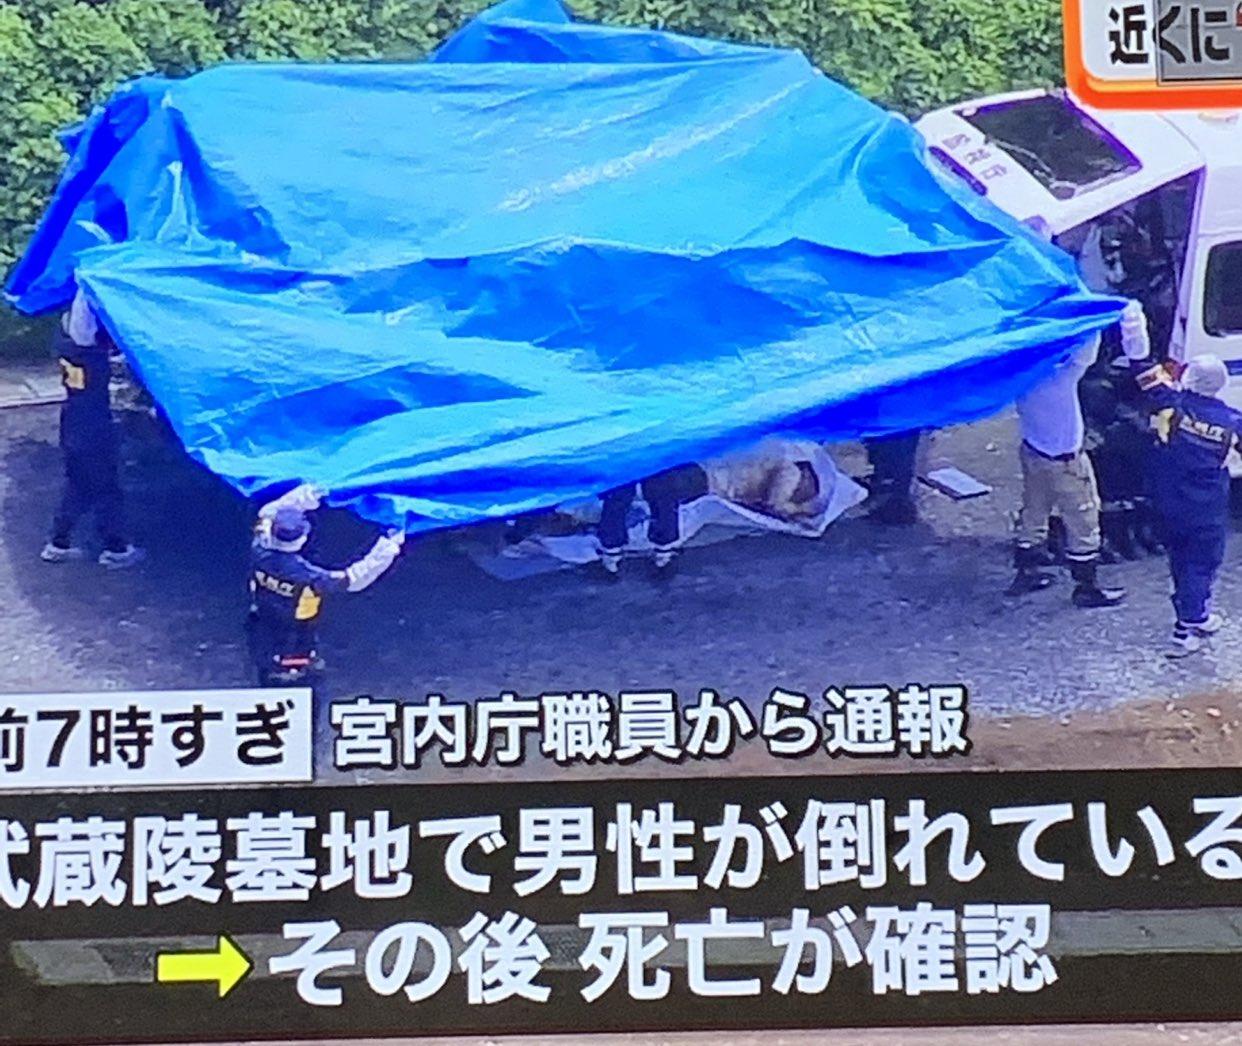 画像,日テレ、遺体放送に流してない?そのまんまのポーズじゃん#日テレ #日本テレビ#武蔵陵墓地 #自殺 https://t.co/04denN7nB3…